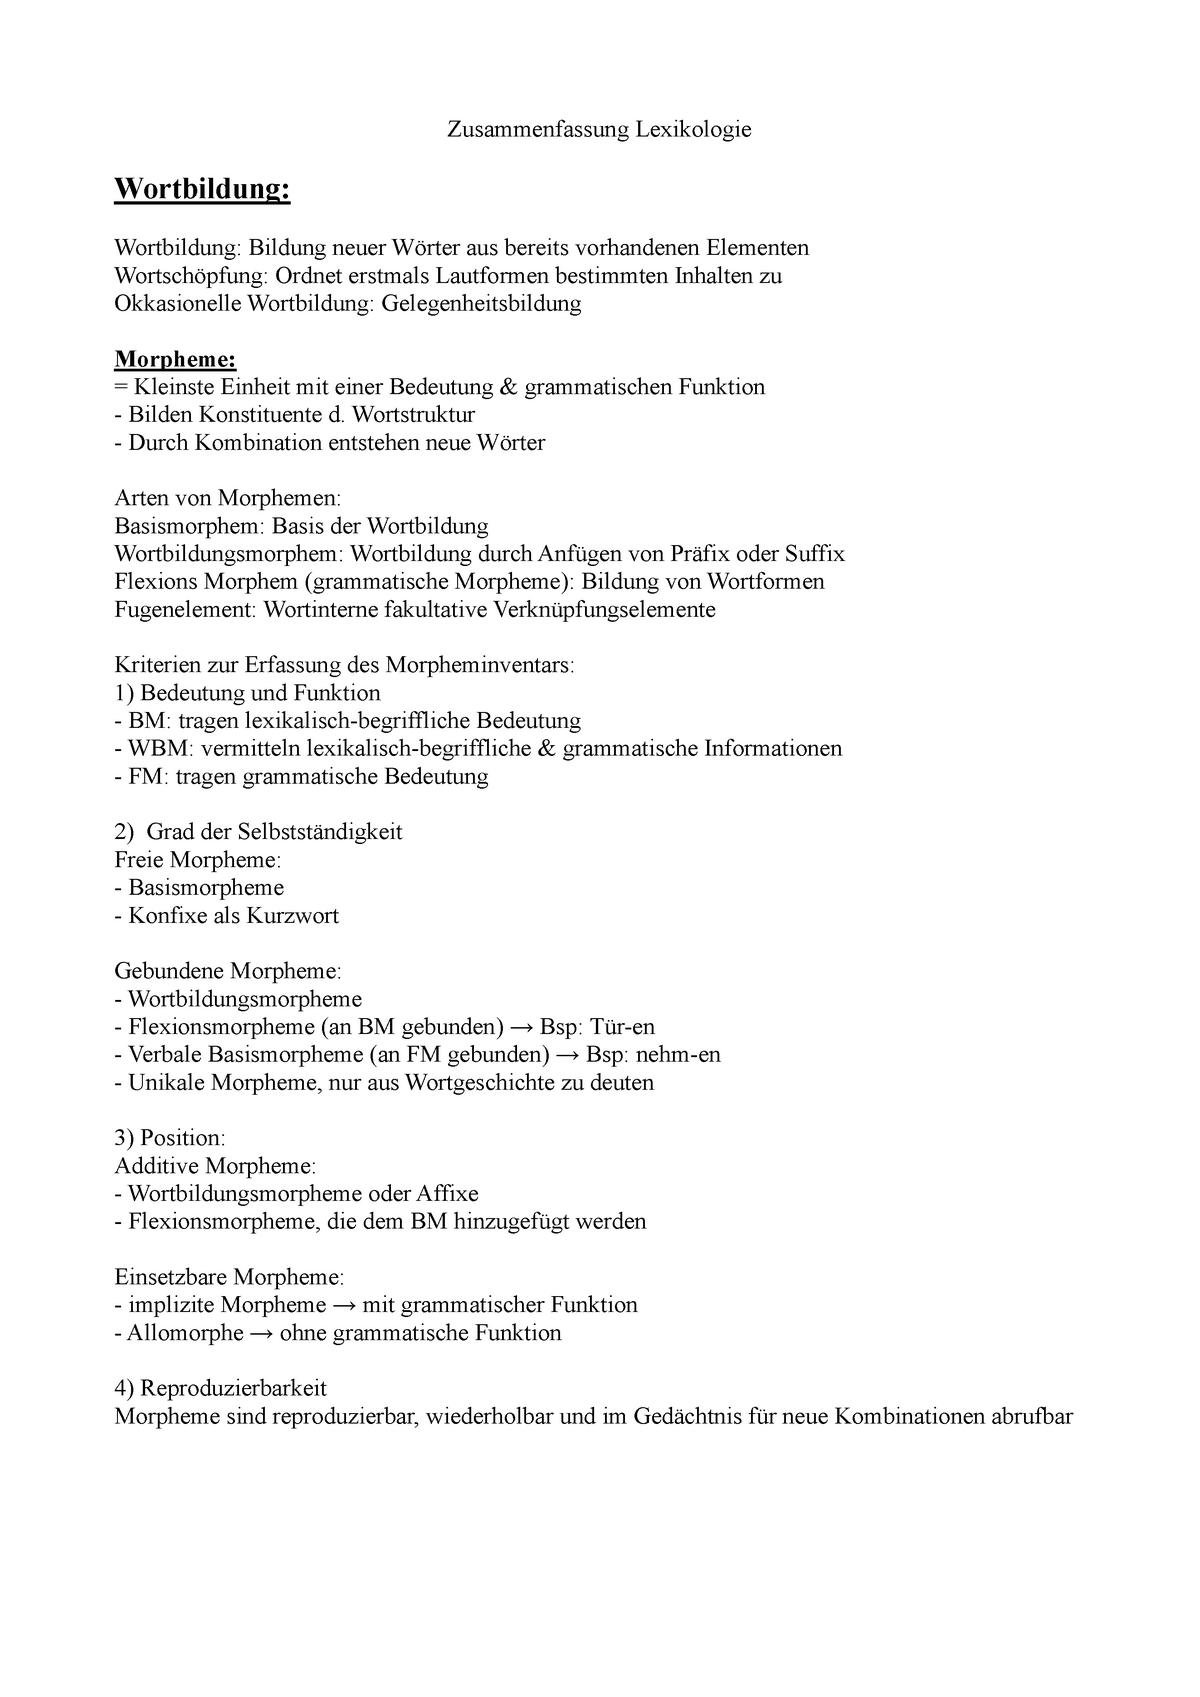 Einfuhrung In Die Lexikologie Ws 18 19 90849 Studocu